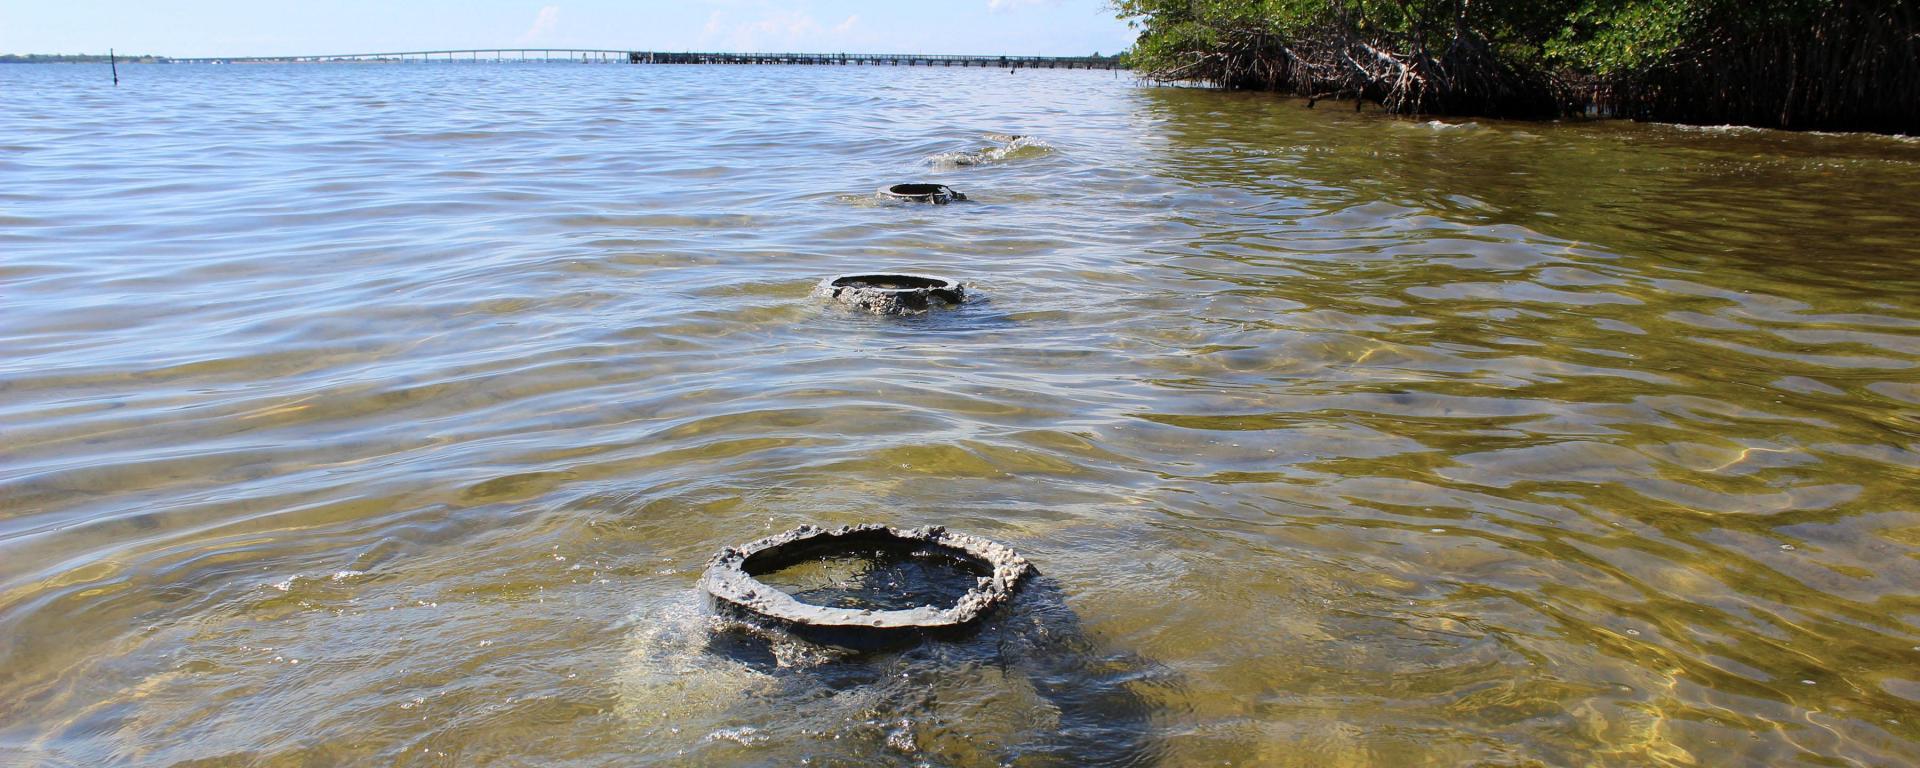 Reef balls along the shoreline